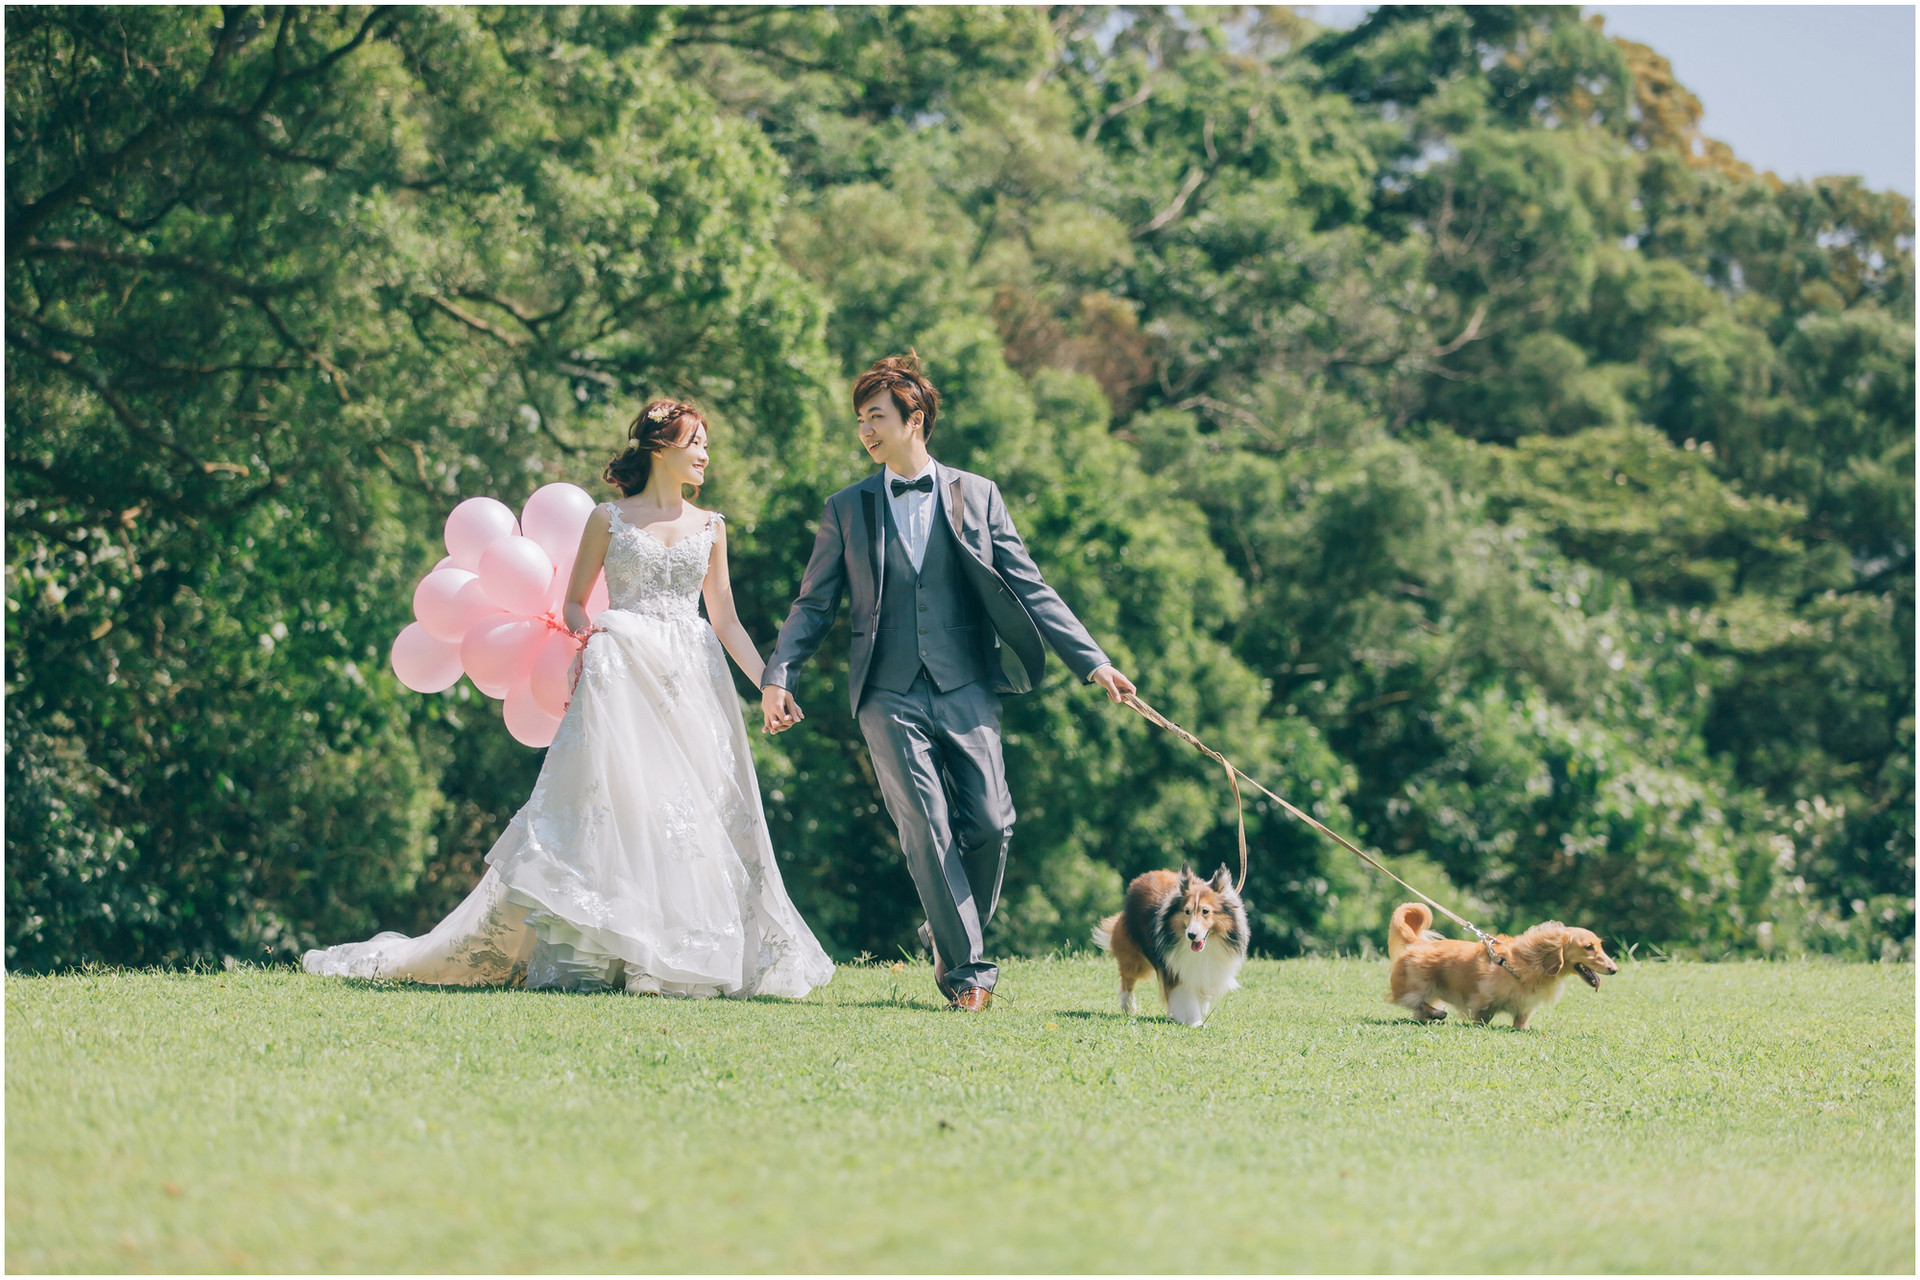 砲台公園  / 黑森林 / 沙崙海邊 / 寵物婚紗 / 自然捲棚拍 / 素人寫真